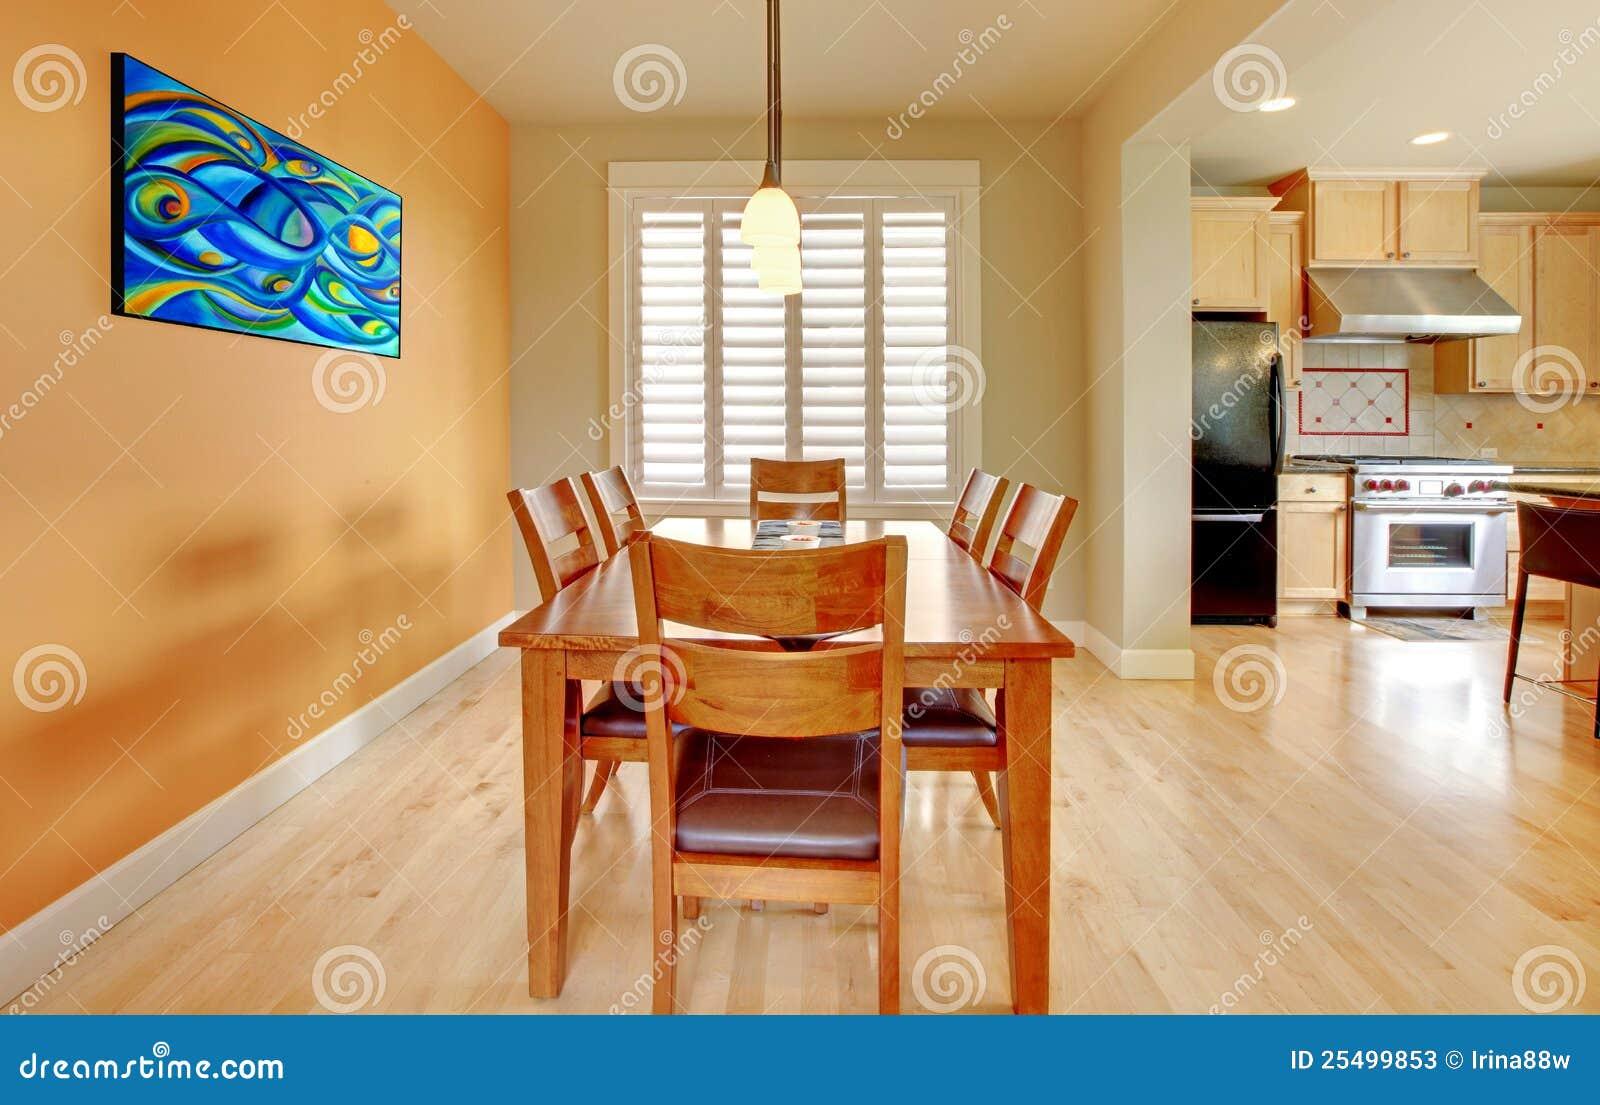 Orange Esszimmer Mit Hölzernem Fußboden Und Küche. Stockbild ...